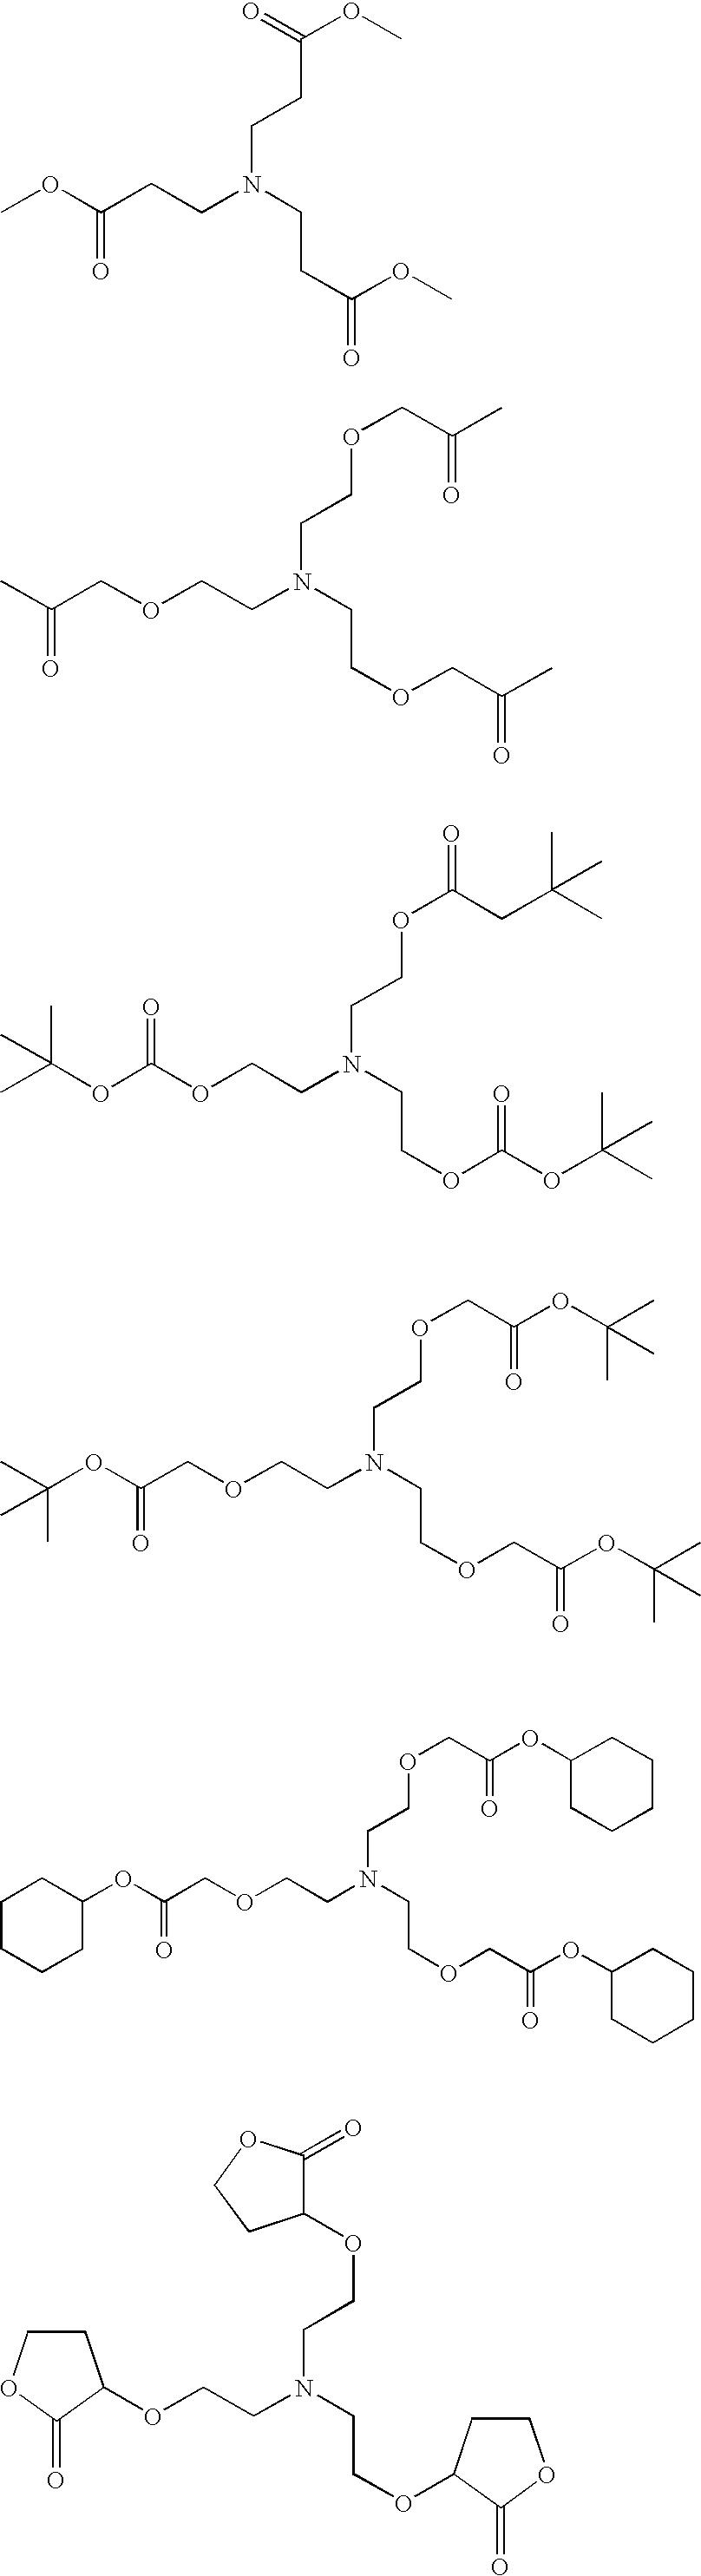 Figure US20060154171A1-20060713-C00003